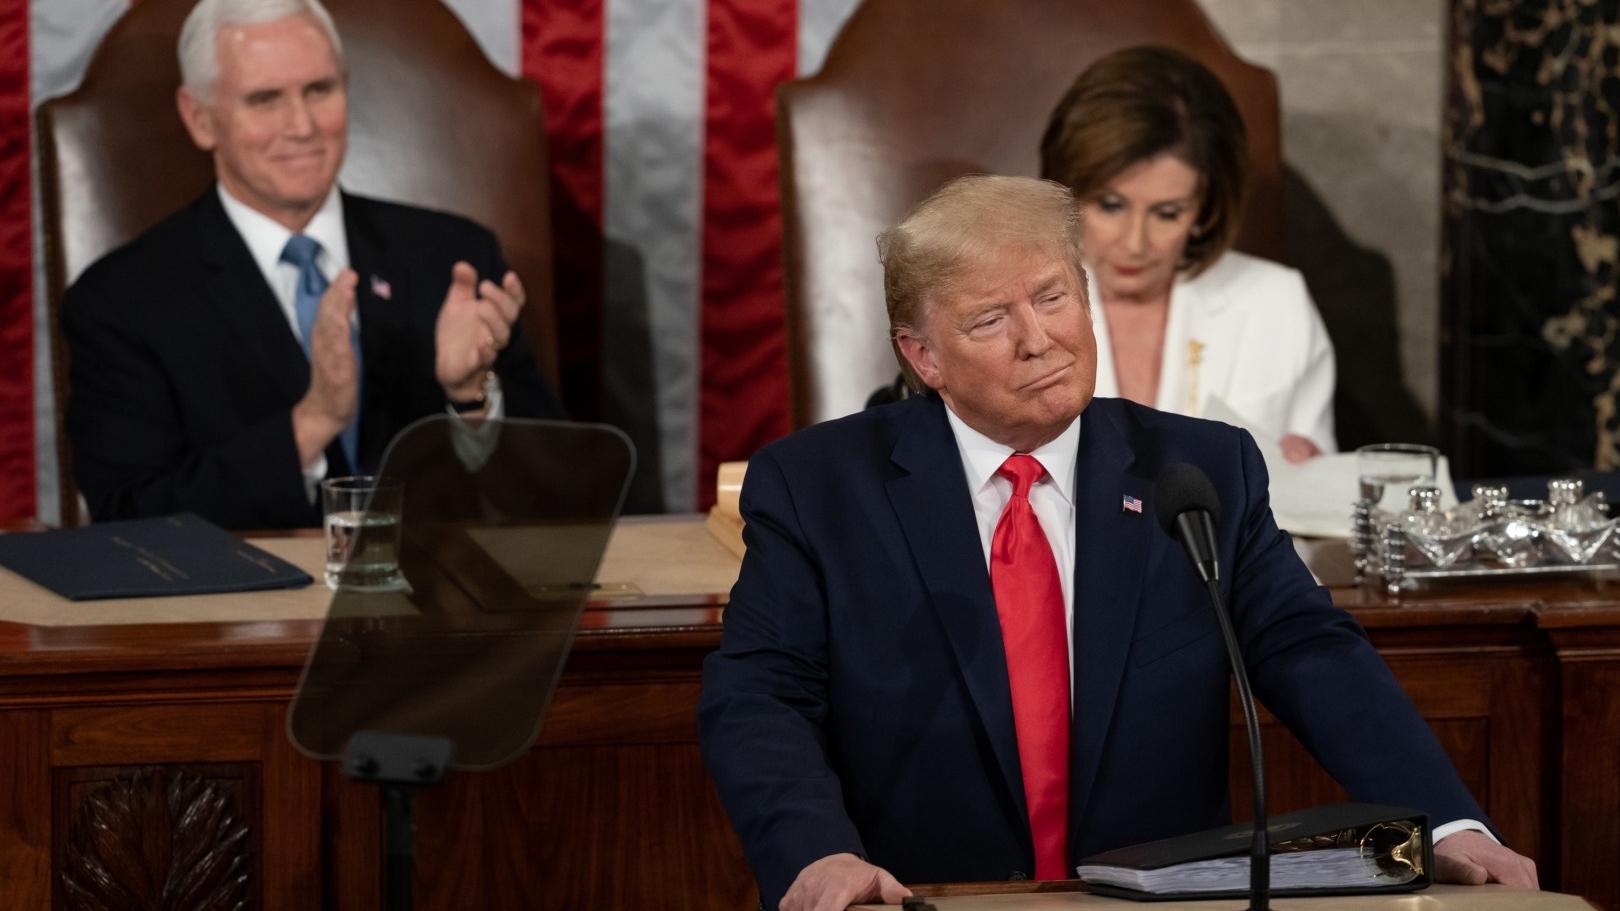 因為美國的參議院是由共和黨控制,議會彈劾特朗普的方案沒有成功。(Wikimedia Commons)